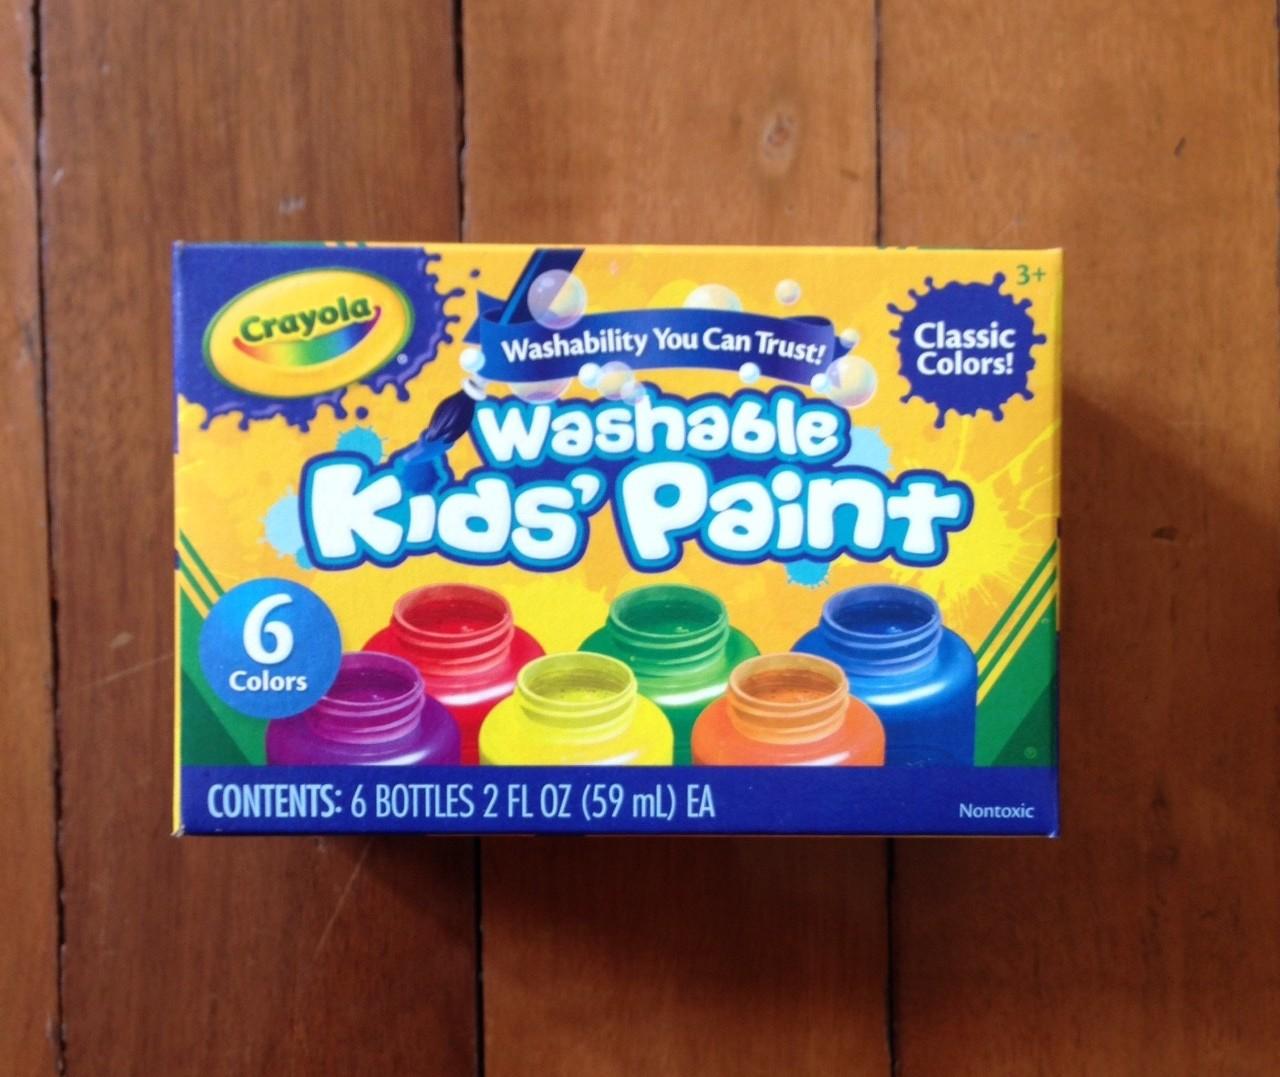 Crayola Washable Kid's Paint สีน้ำ 6 สี พร้อมใช้ในขวดพลาสติกอย่างดี ล้างออกได้ ปลอดสารพิษ